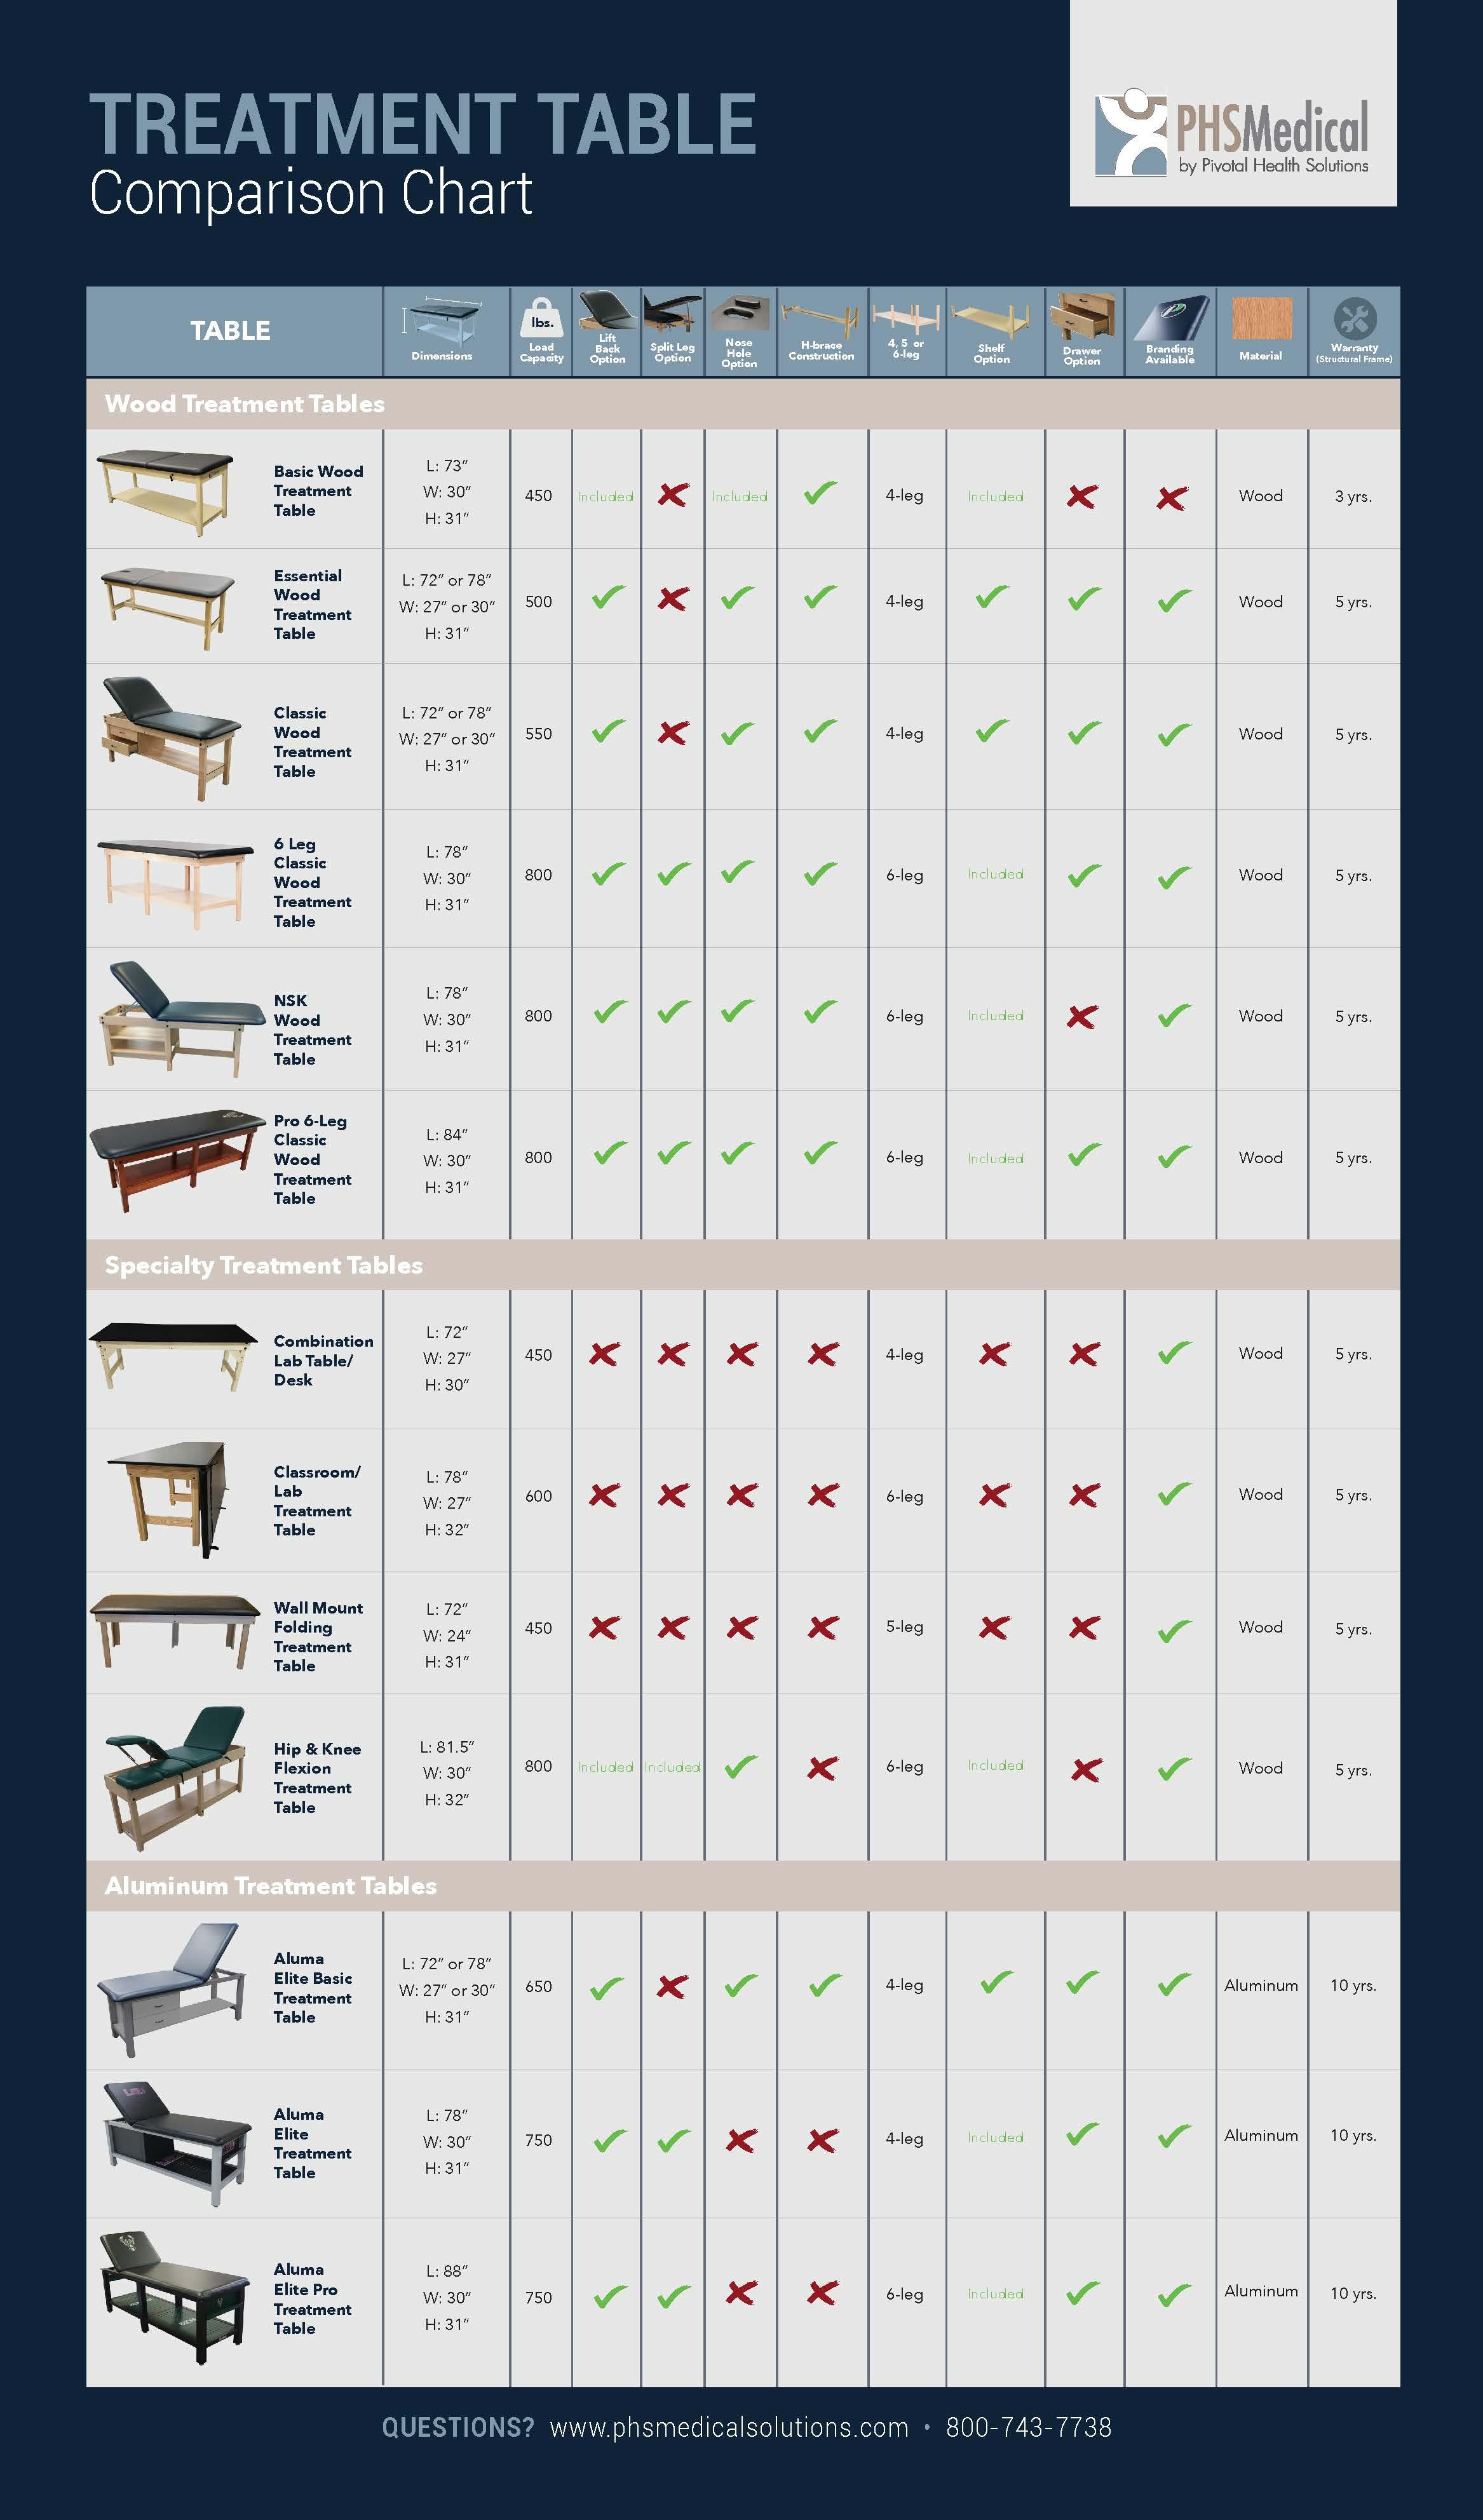 PT_TableComparison_Chart2019